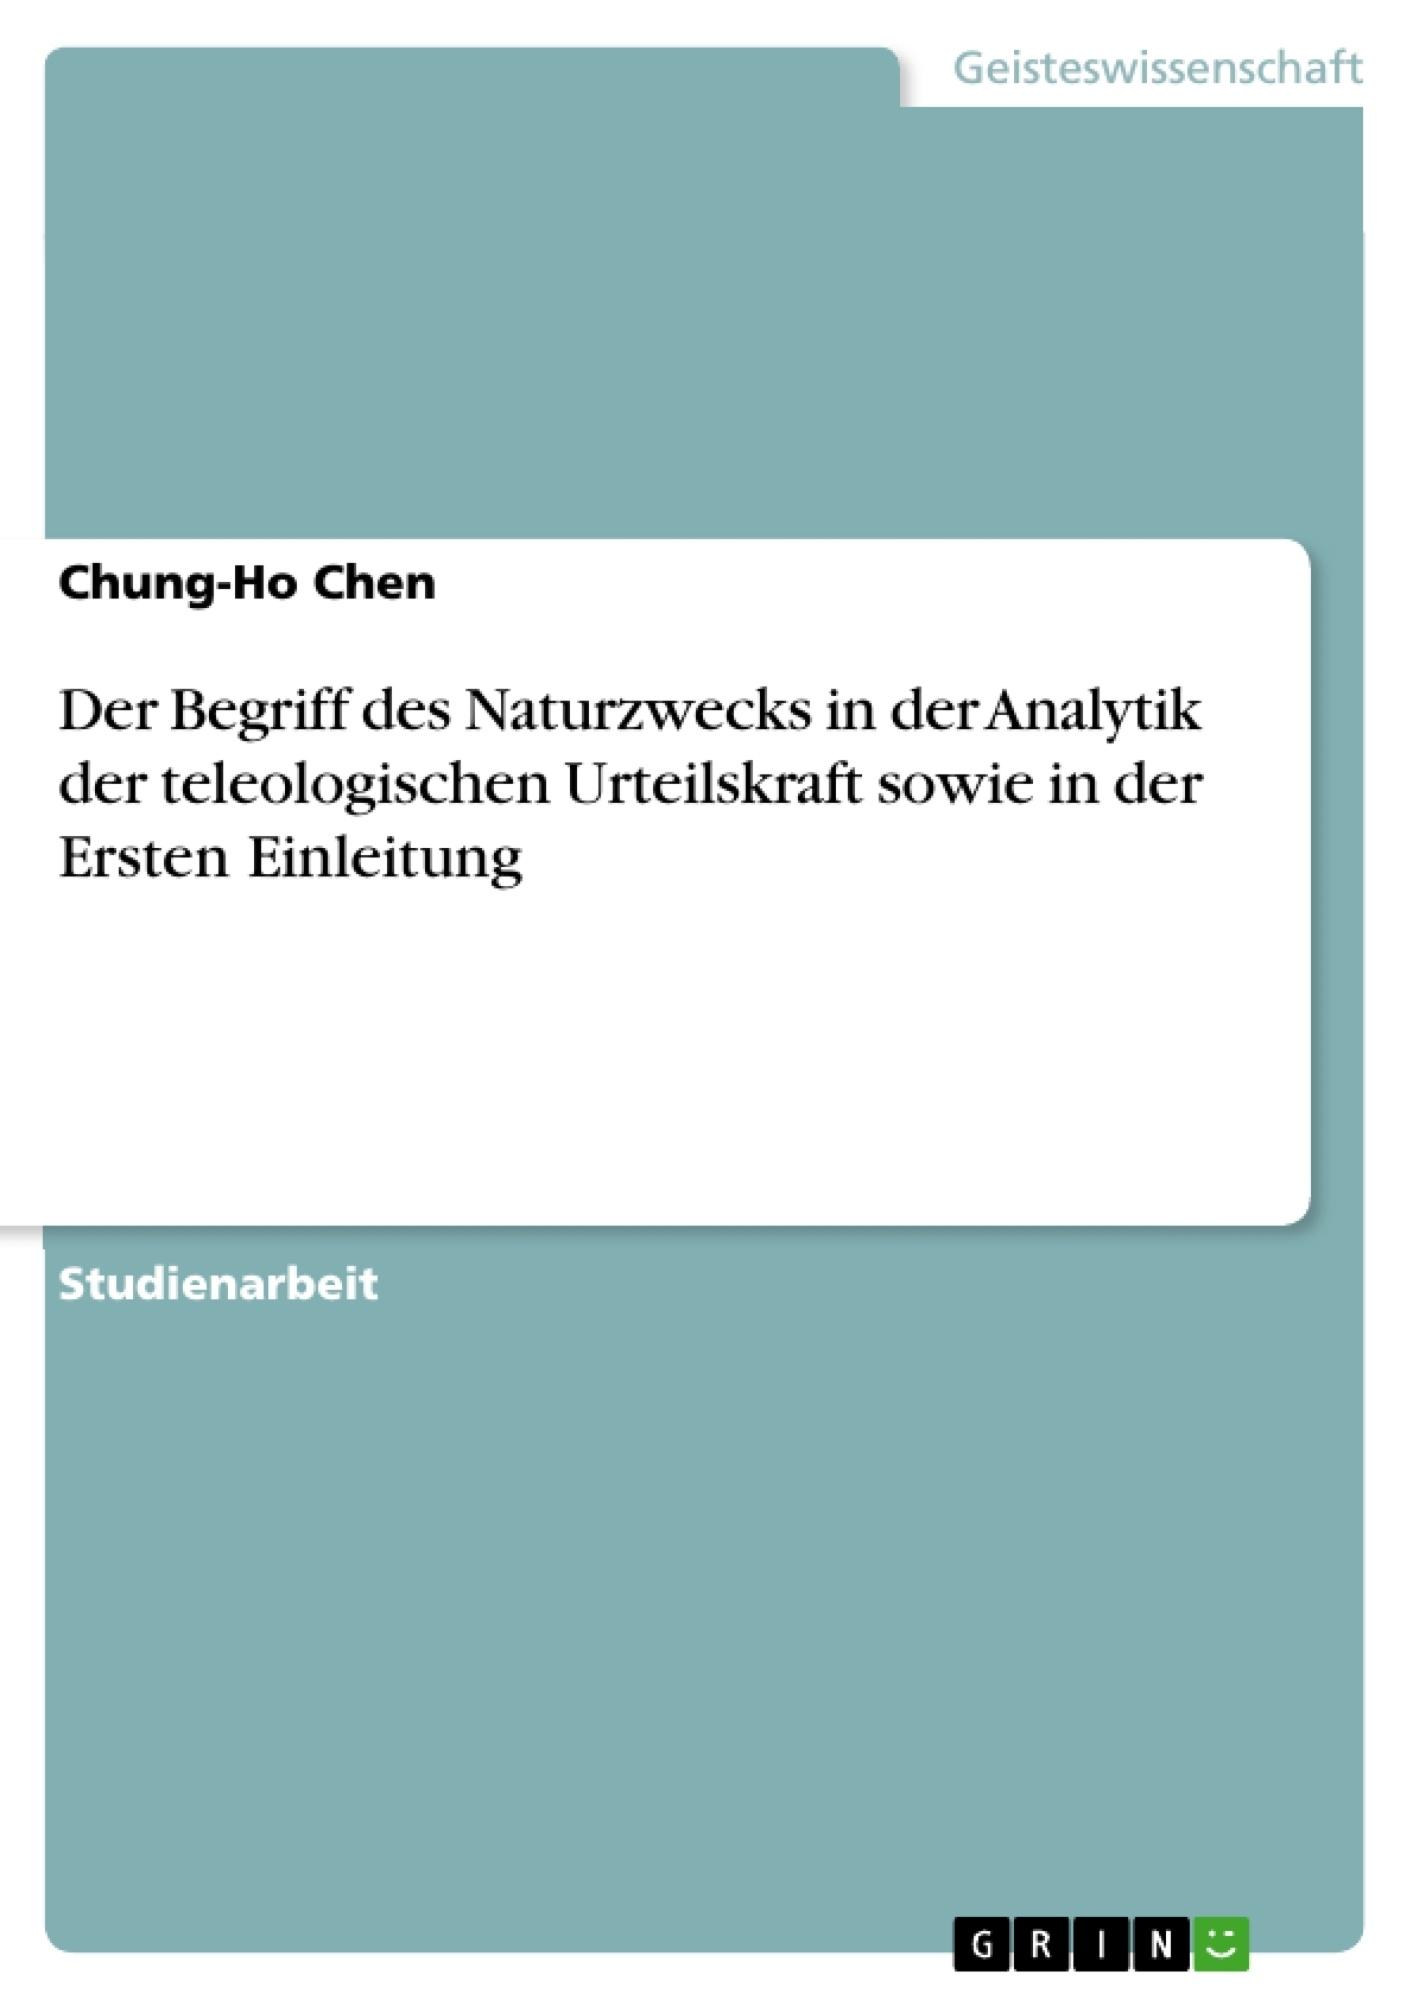 Titel: Der Begriff des Naturzwecks in der Analytik der teleologischen Urteilskraft sowie in der Ersten Einleitung